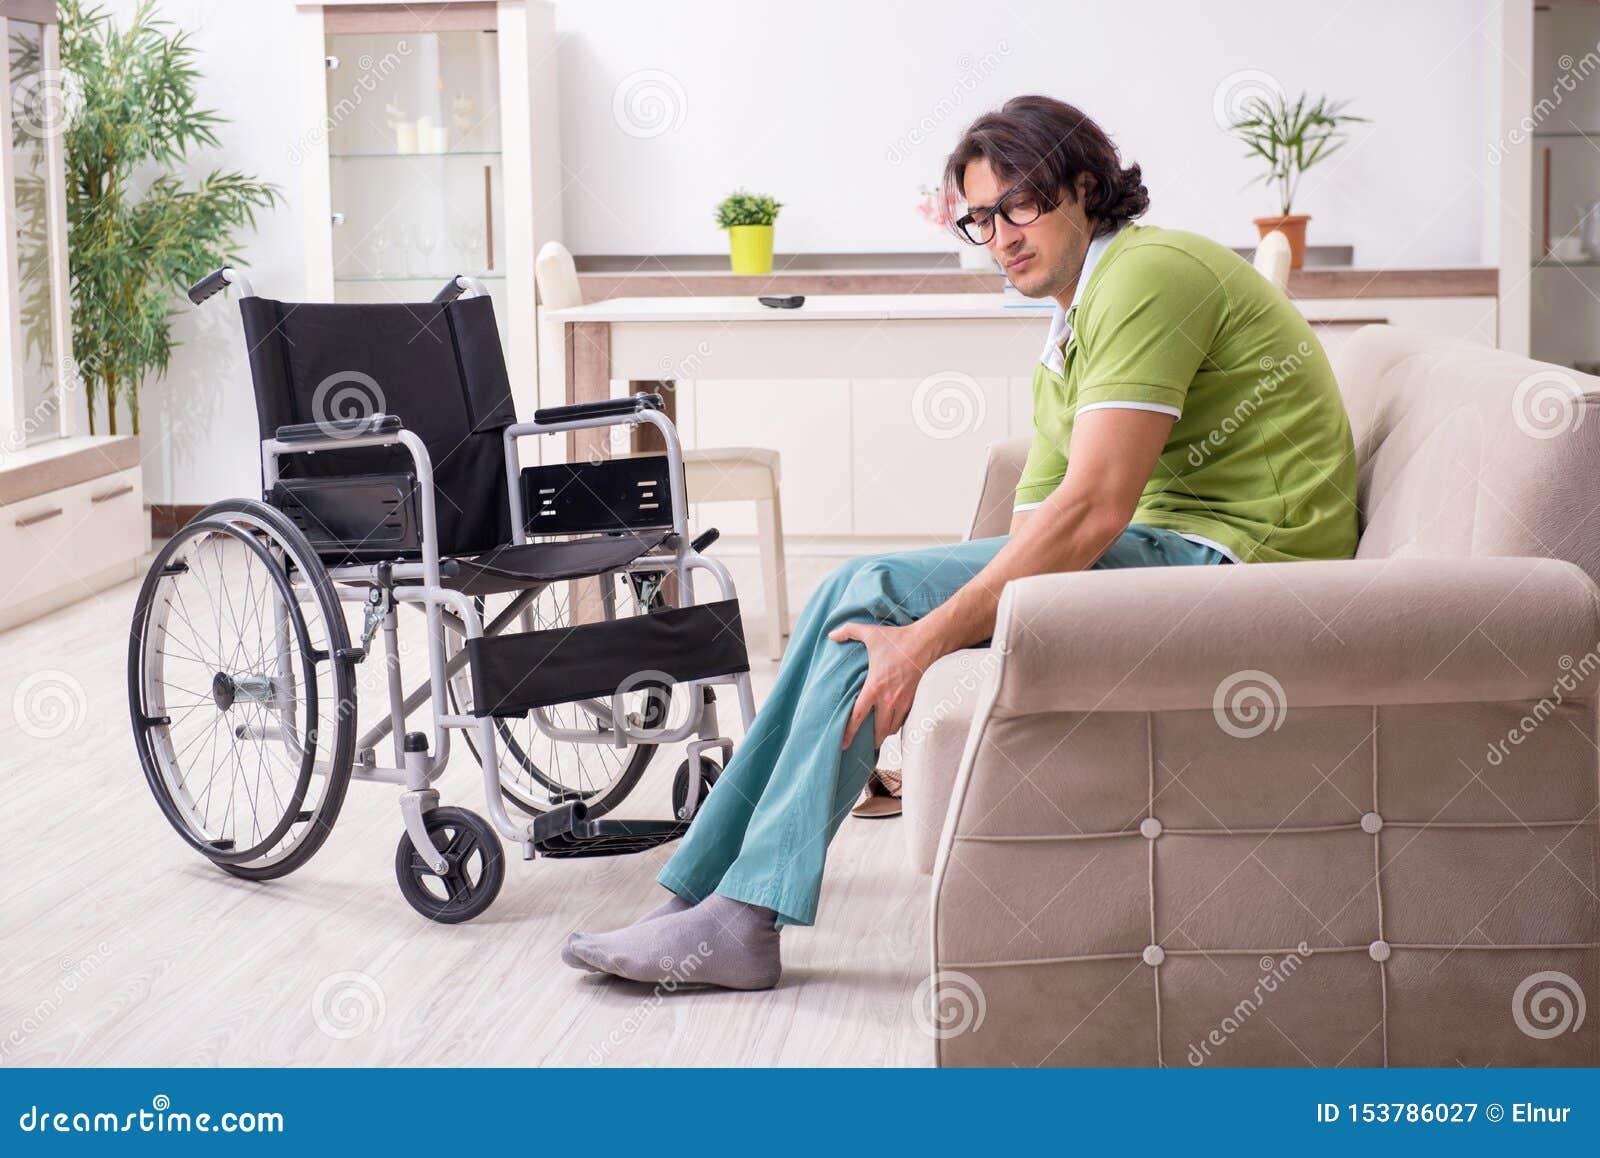 Νέος αρσενικός άκυρος στην αναπηρική καρέκλα που υποφέρει στο σπίτι